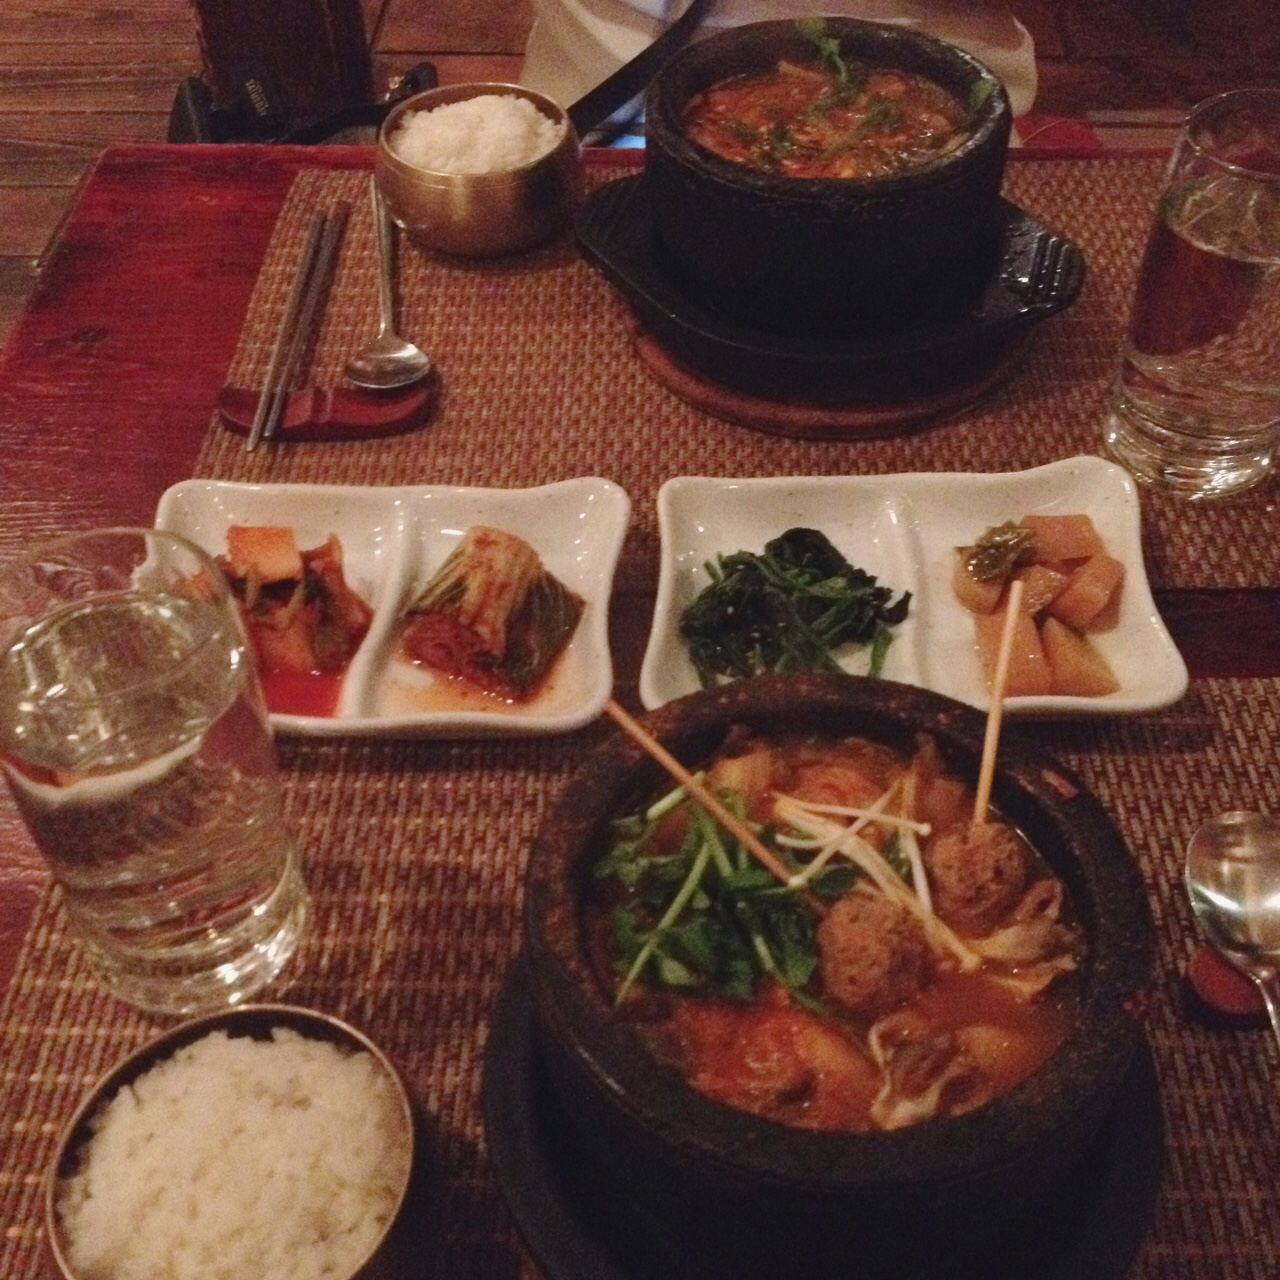 Mongolian Hot Pot & Tofu Kimchi Hot Pot, Hangawi